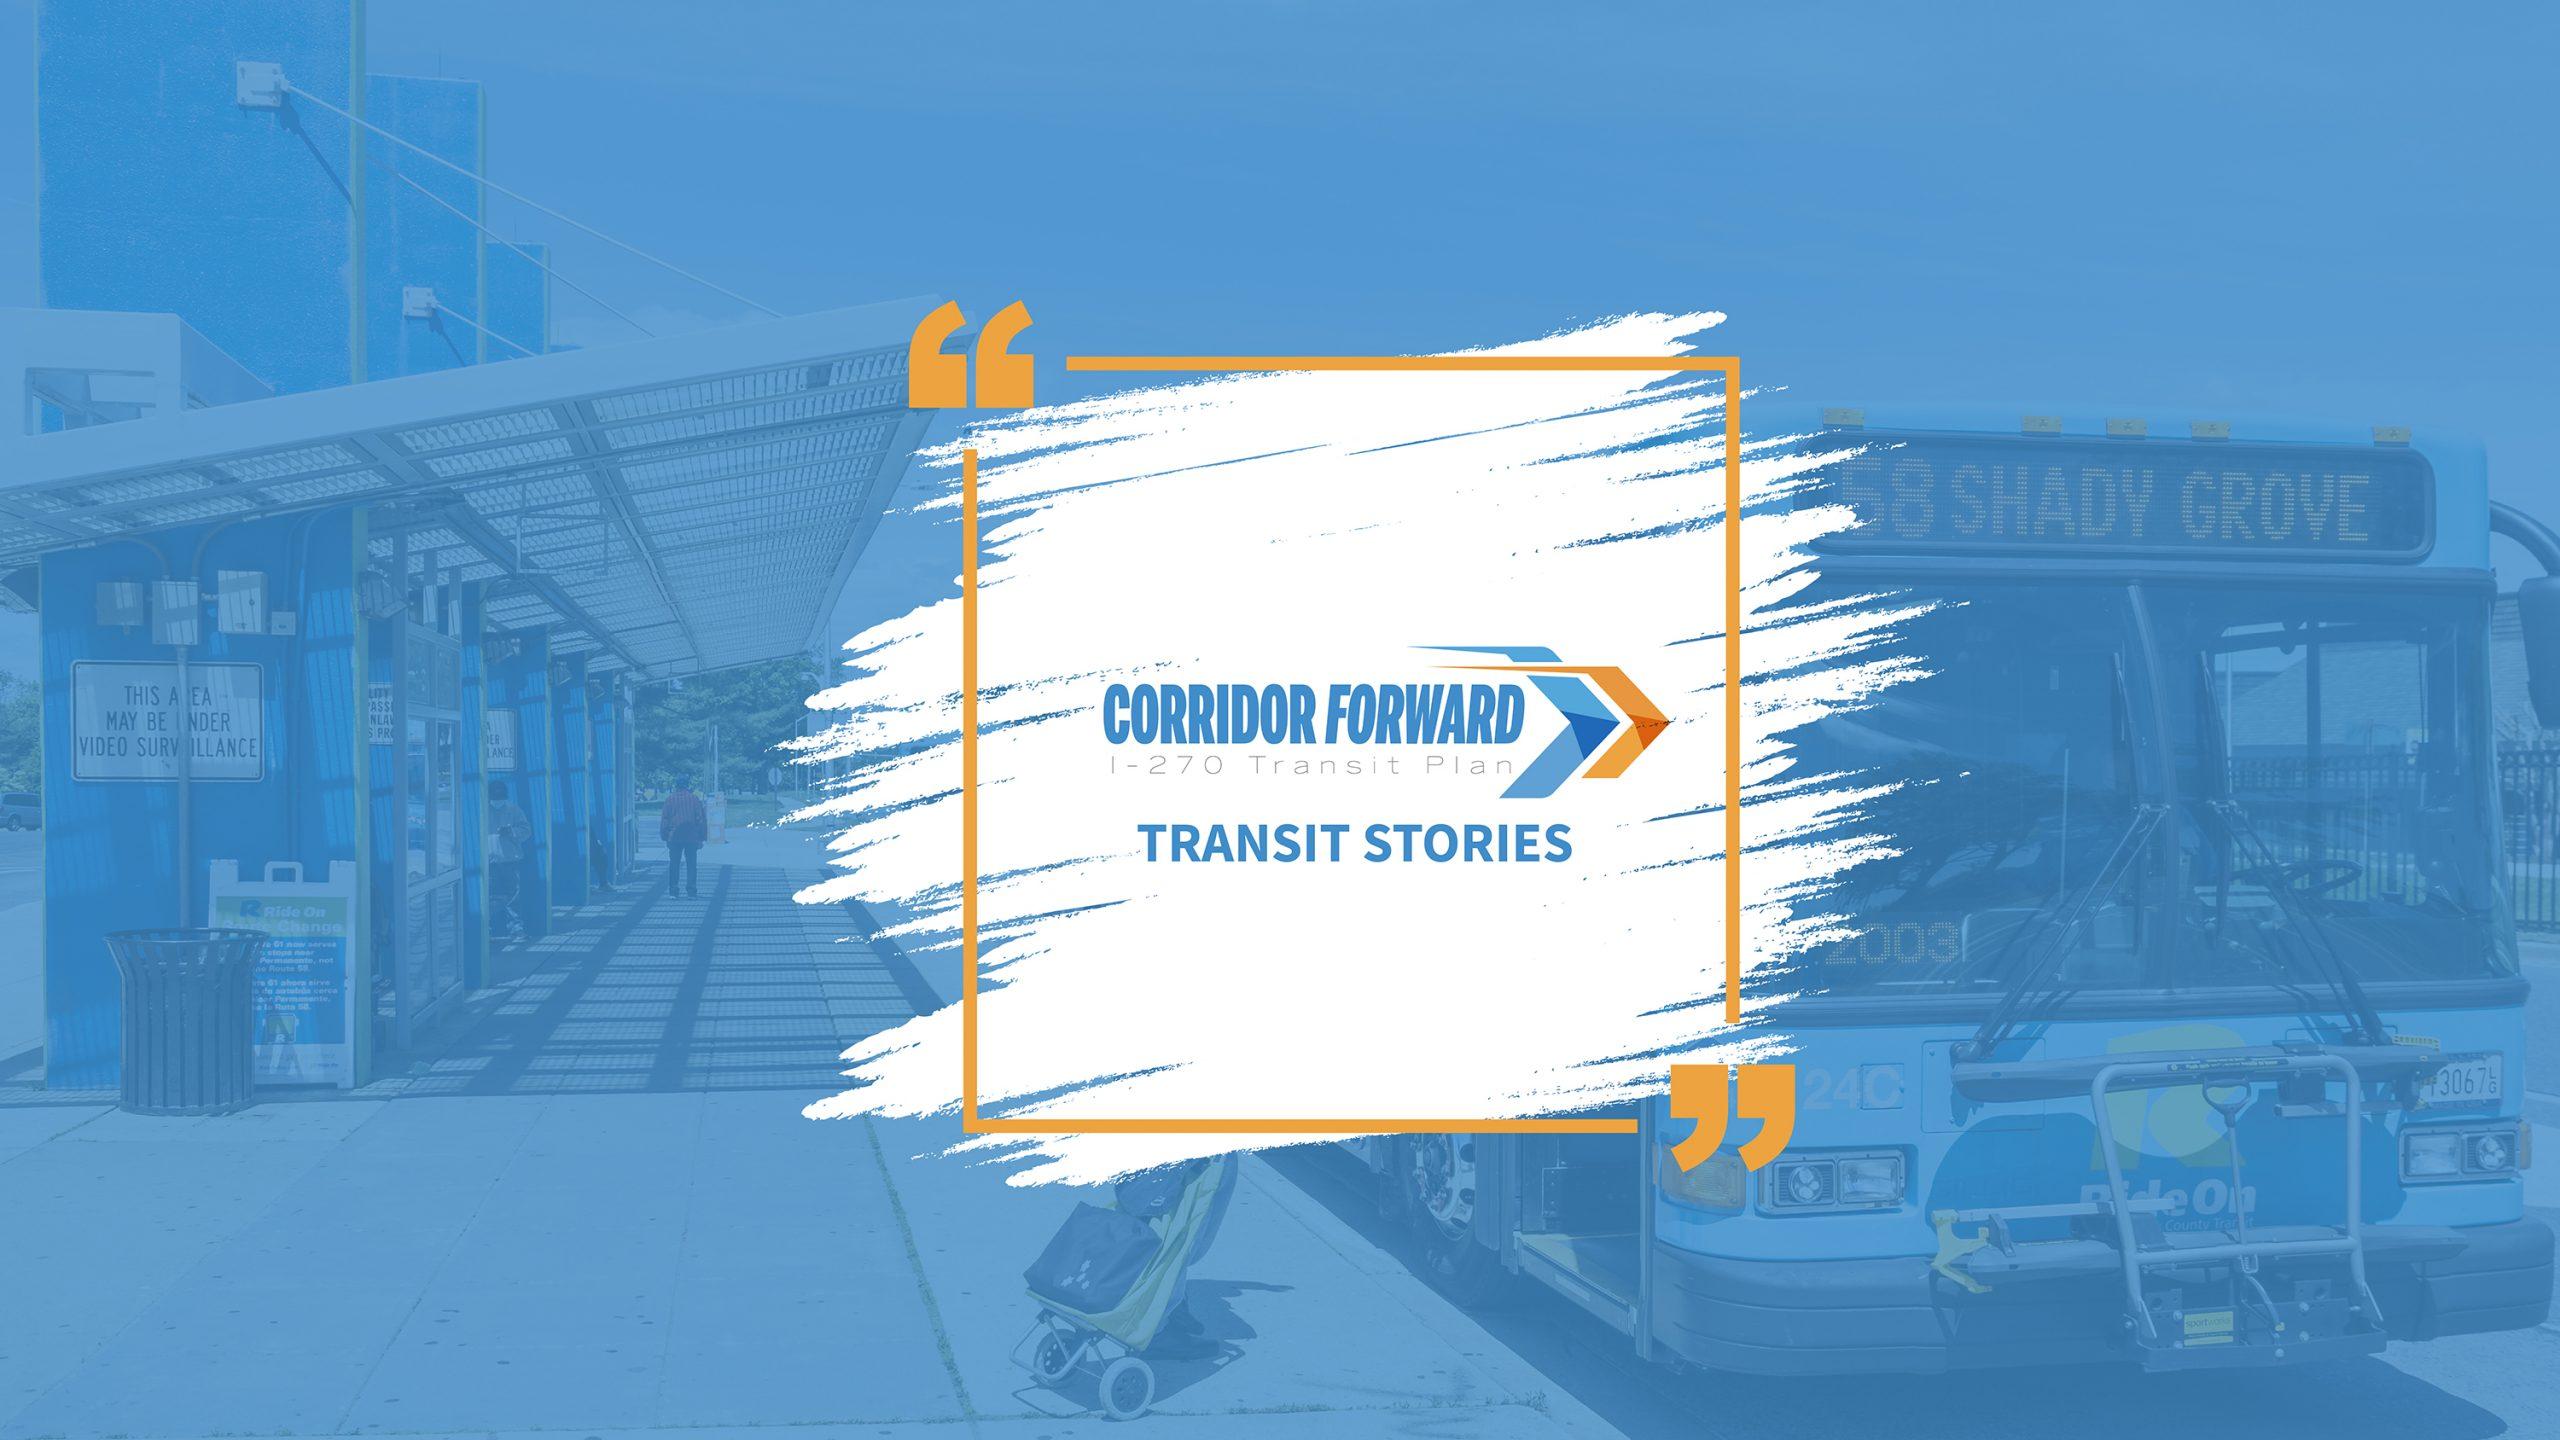 Transit Stories